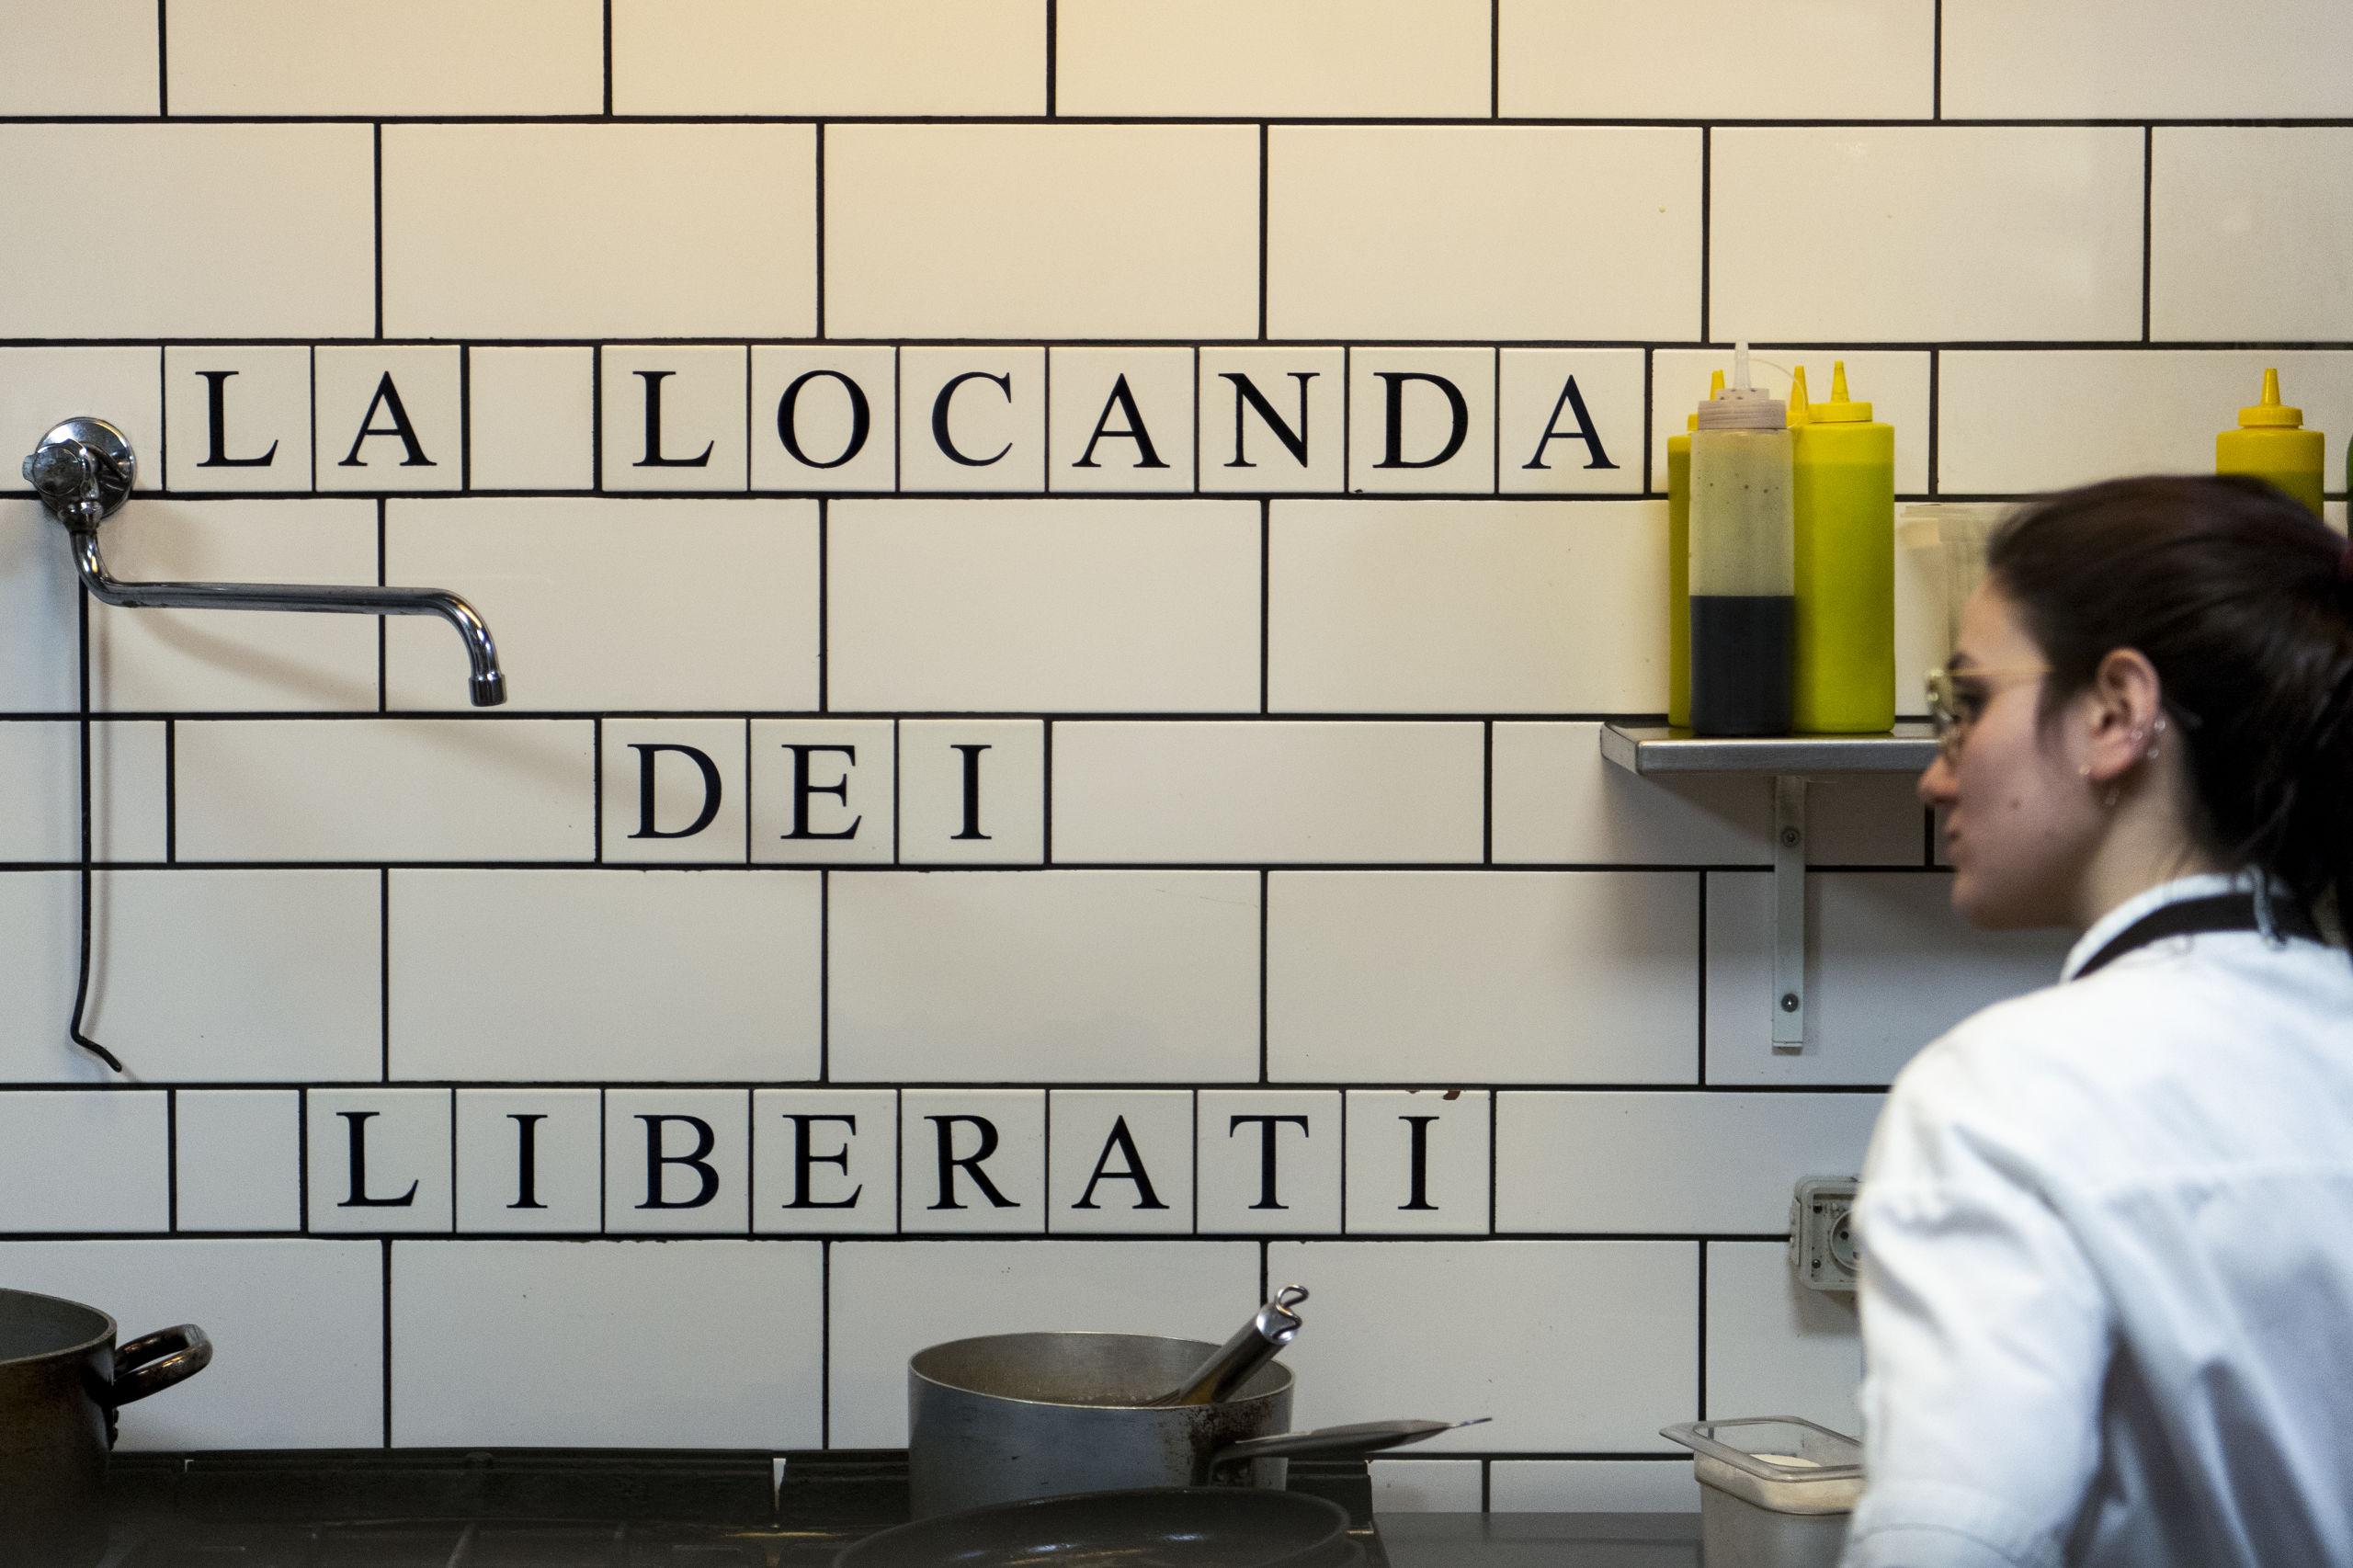 La Locanda havde hjemmebanefordelen i semifinalen mod Restaurant Uafhængig fra Hotel Amerika i Hobro. Foto: Teis Markfoged